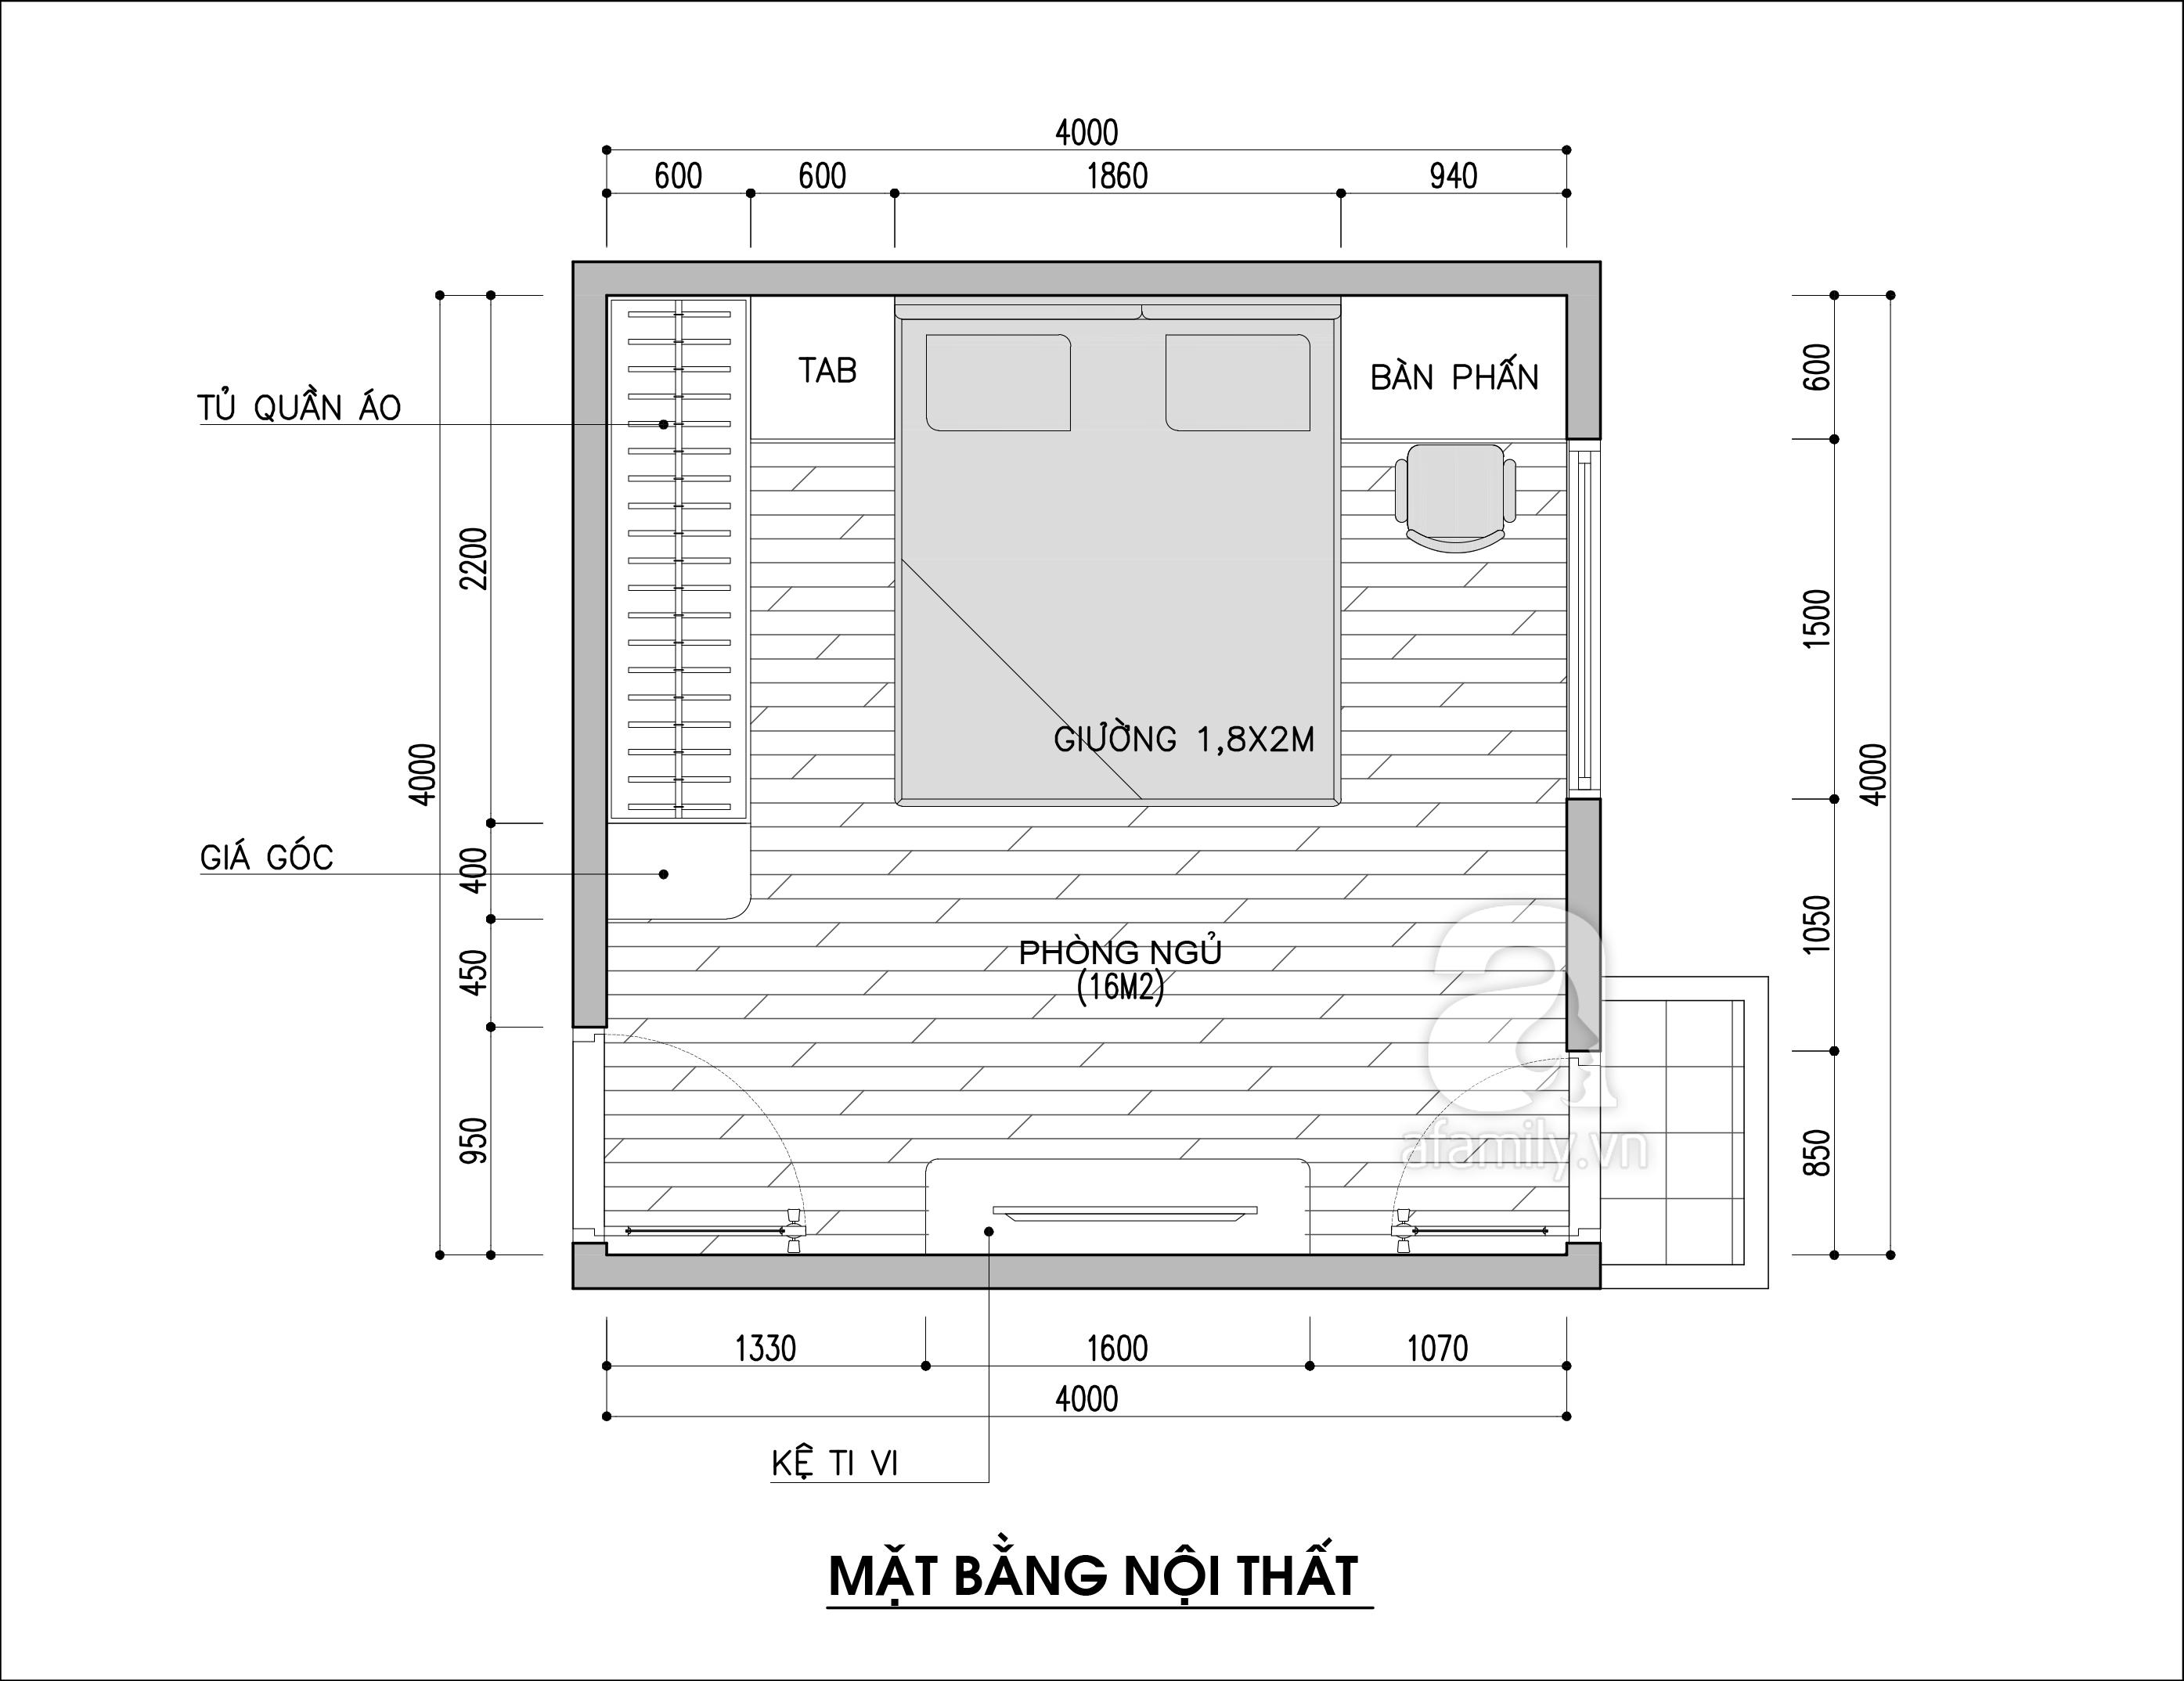 Tư vấn thiết kế nội thất phòng ngủ 16m2 đẹp hút hồn với chi phí gần 32 triệu  - Ảnh 2.